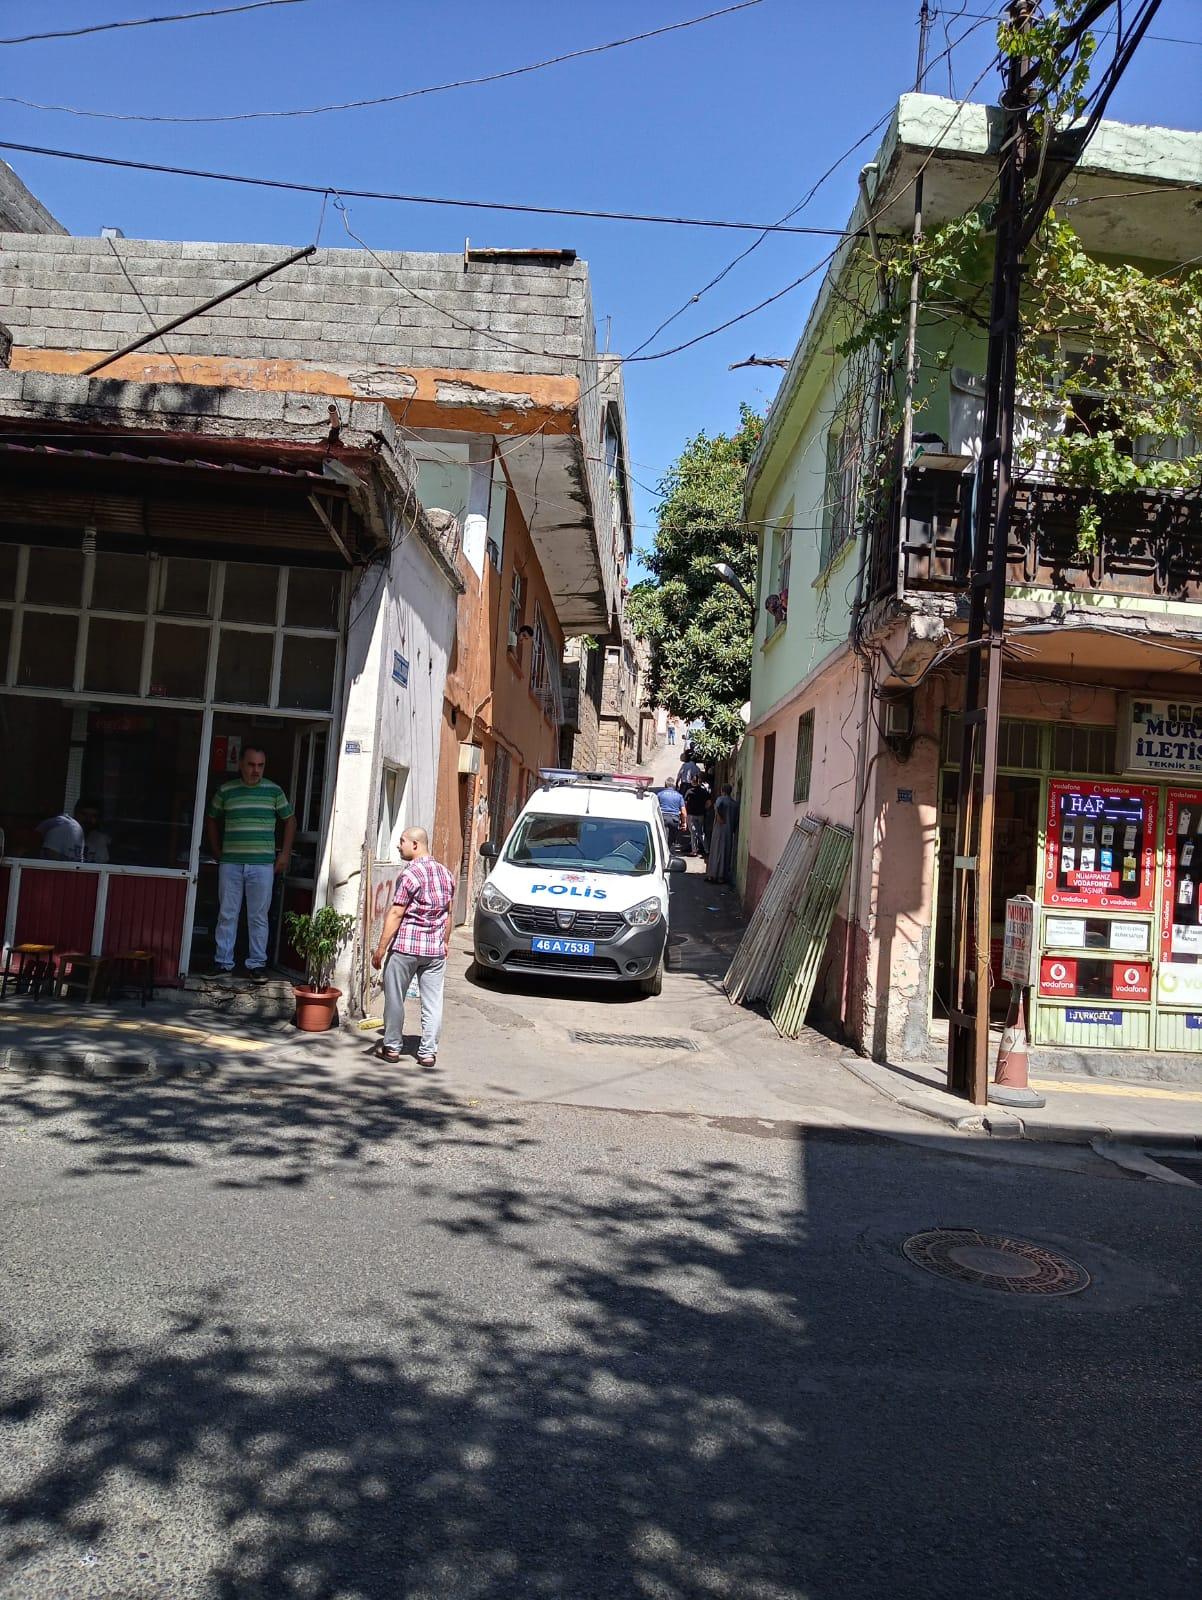 Kahramanmaraş'ta Suriyeli Vatandaş Eşini Darp Etti, Mahalle Sakinlerine Bıçak Çekti